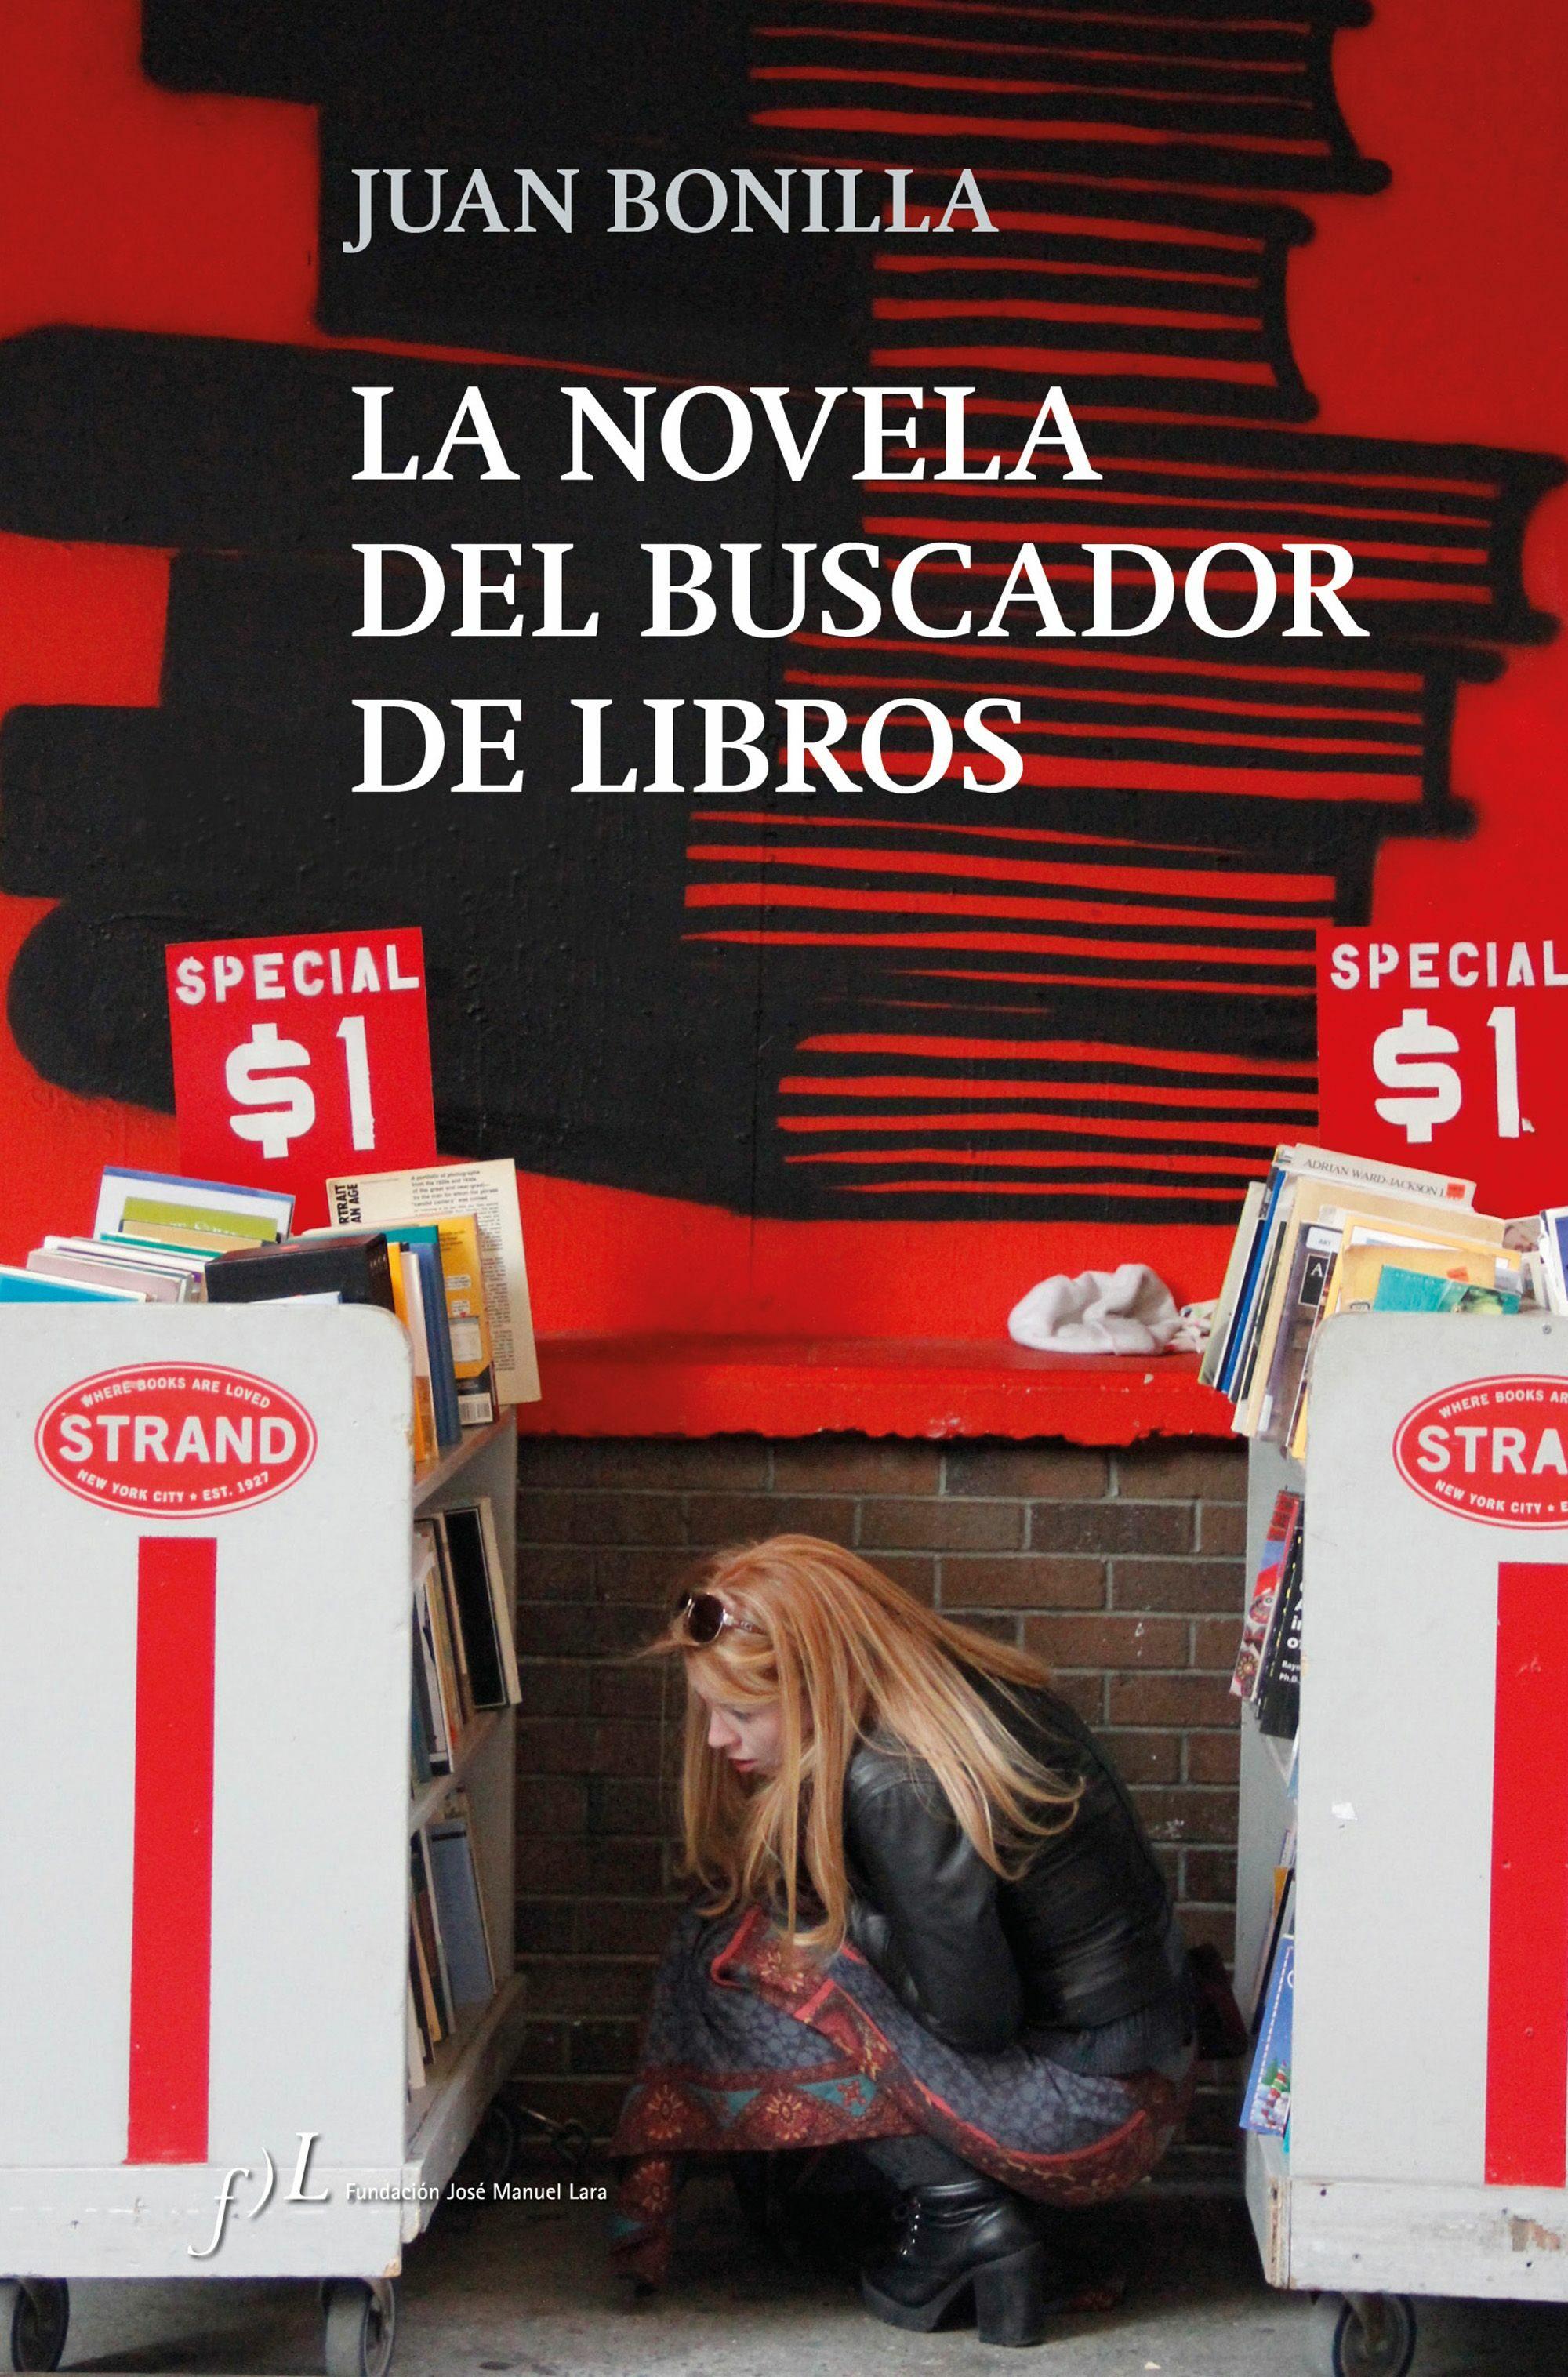 La Novela Del Buscador De Libros por Juan Bonilla